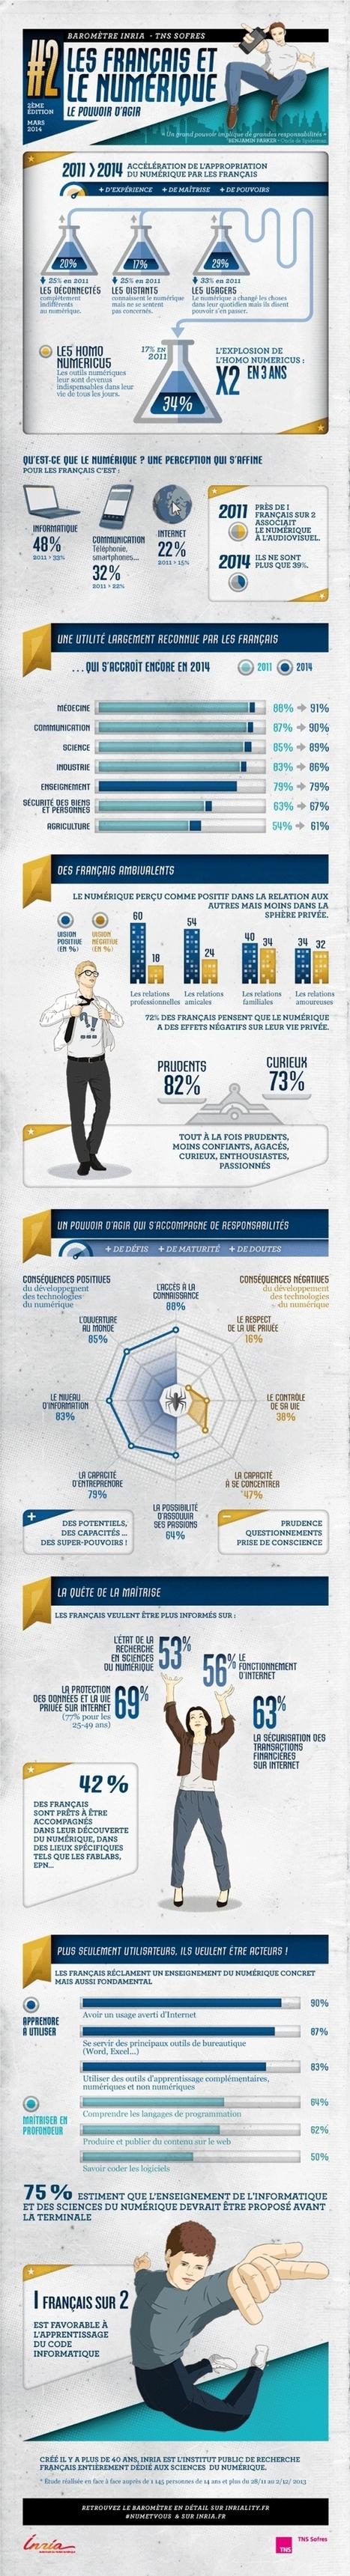 Infographie   Les Français souhaitent maîtriser les outils numériques (1/2)   Clic France   Scoop.it